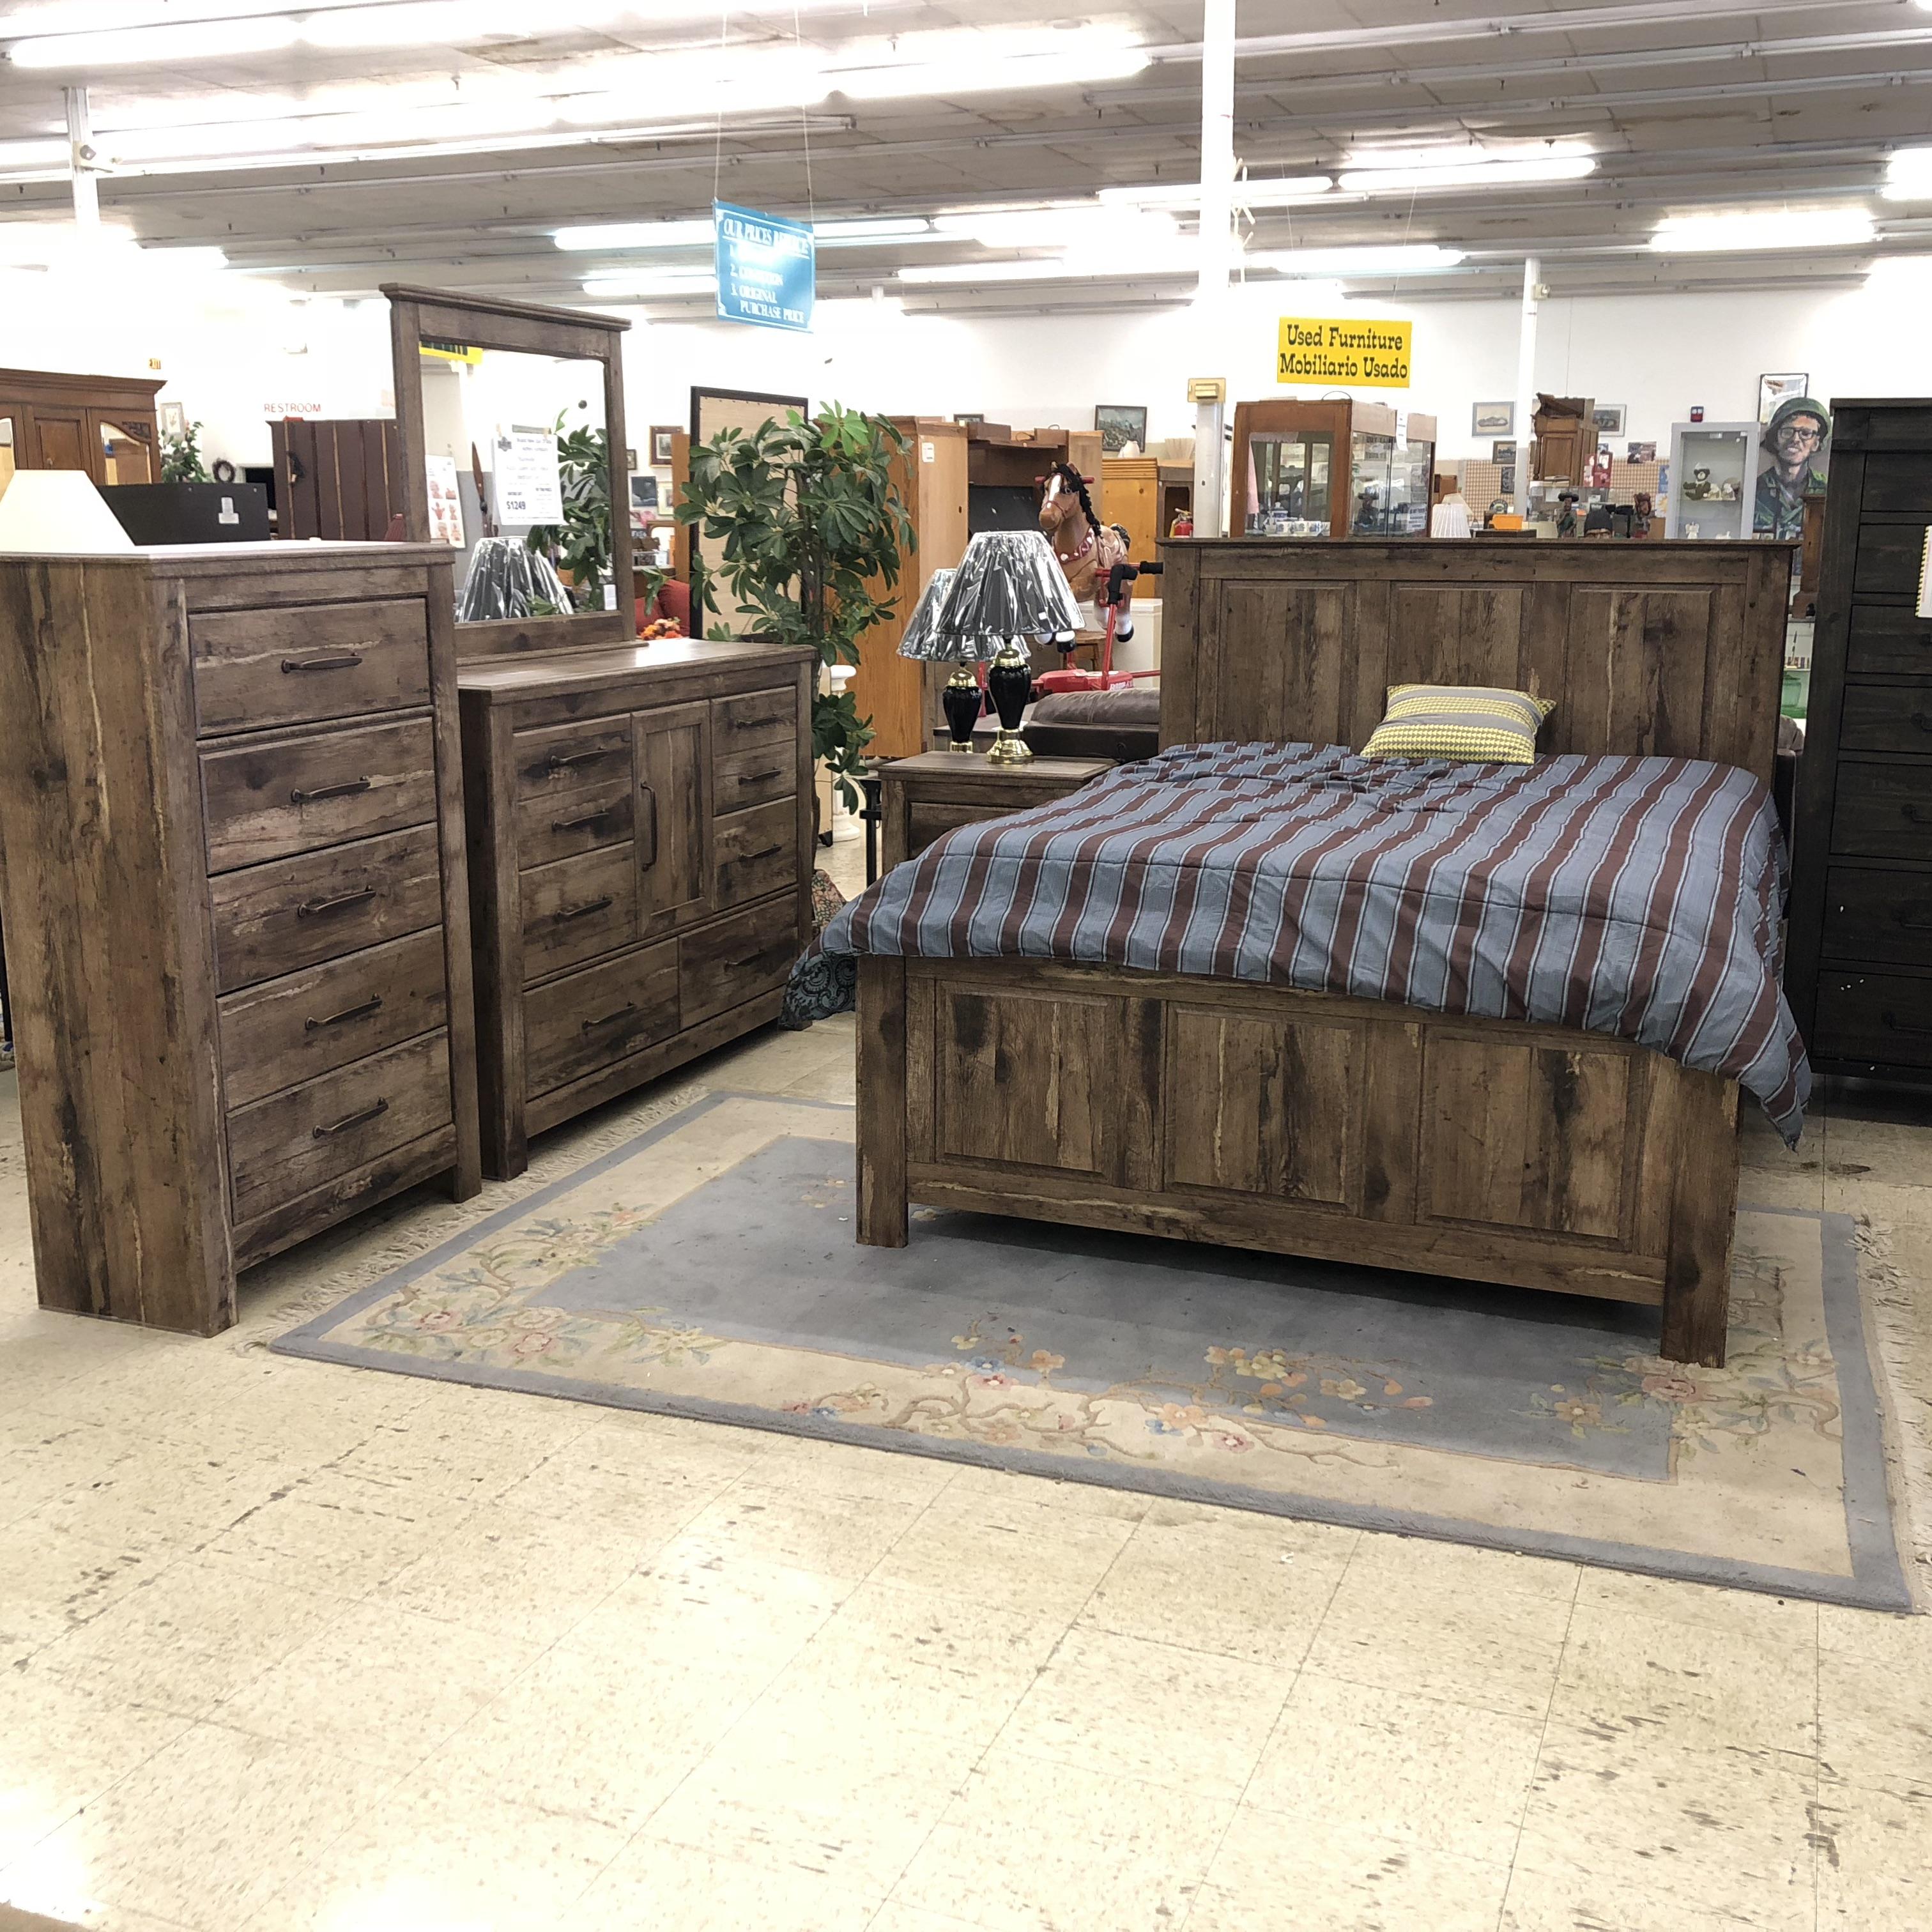 New Ashley Furniture: Complete Bedroom Sets: BRAND NEW! Ashley Furniture